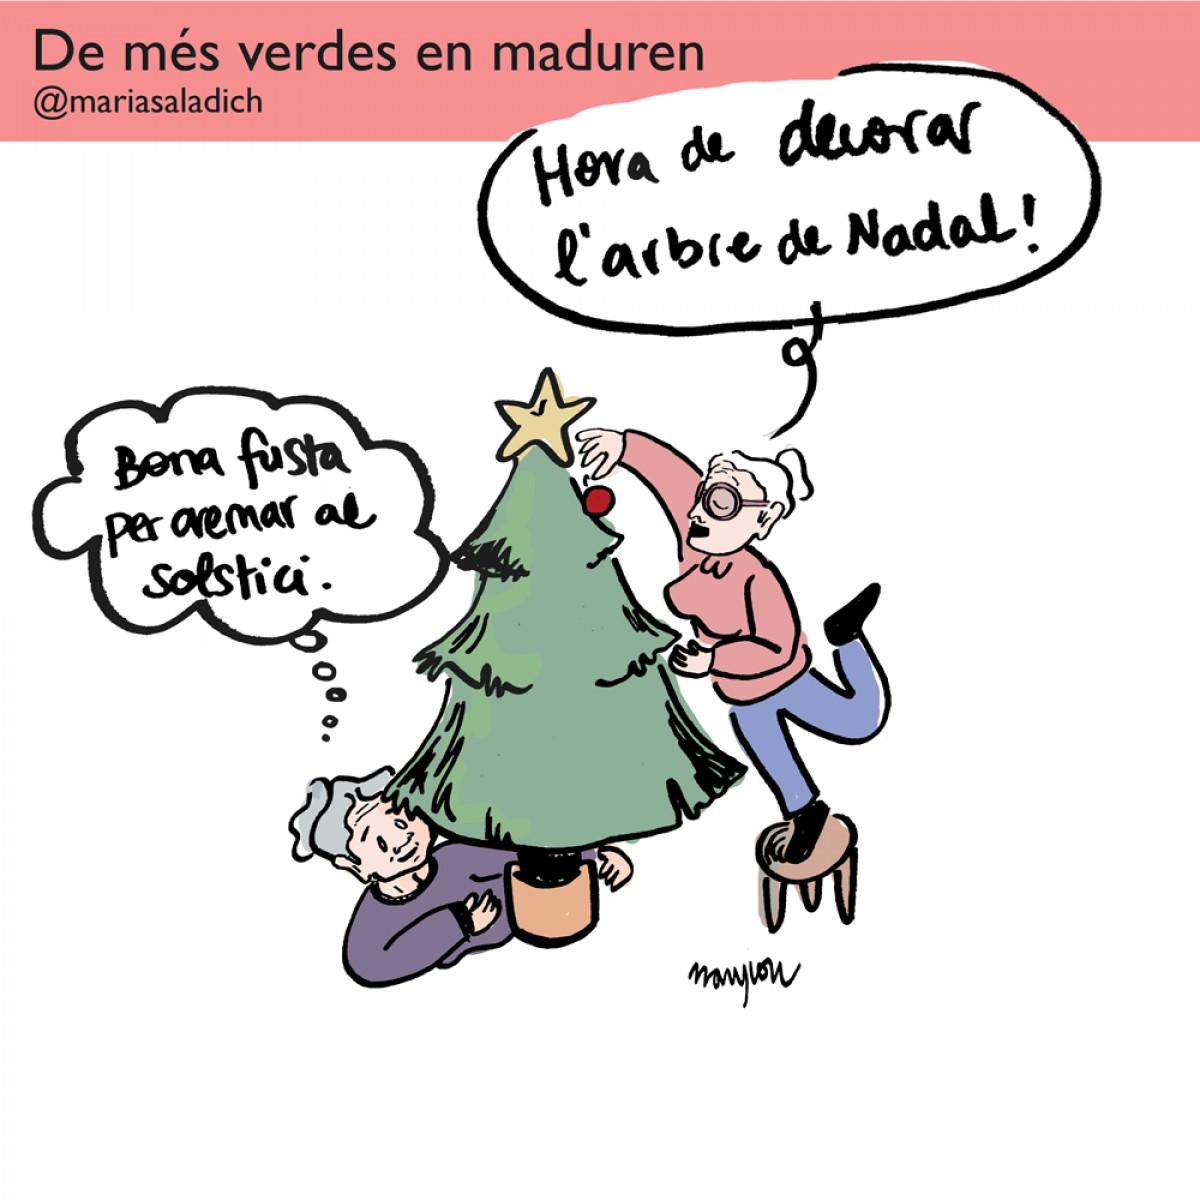 És hora de preparar l'arbre de Nadal, però la Carmeta prefereix celebrar el solstici d'hivern